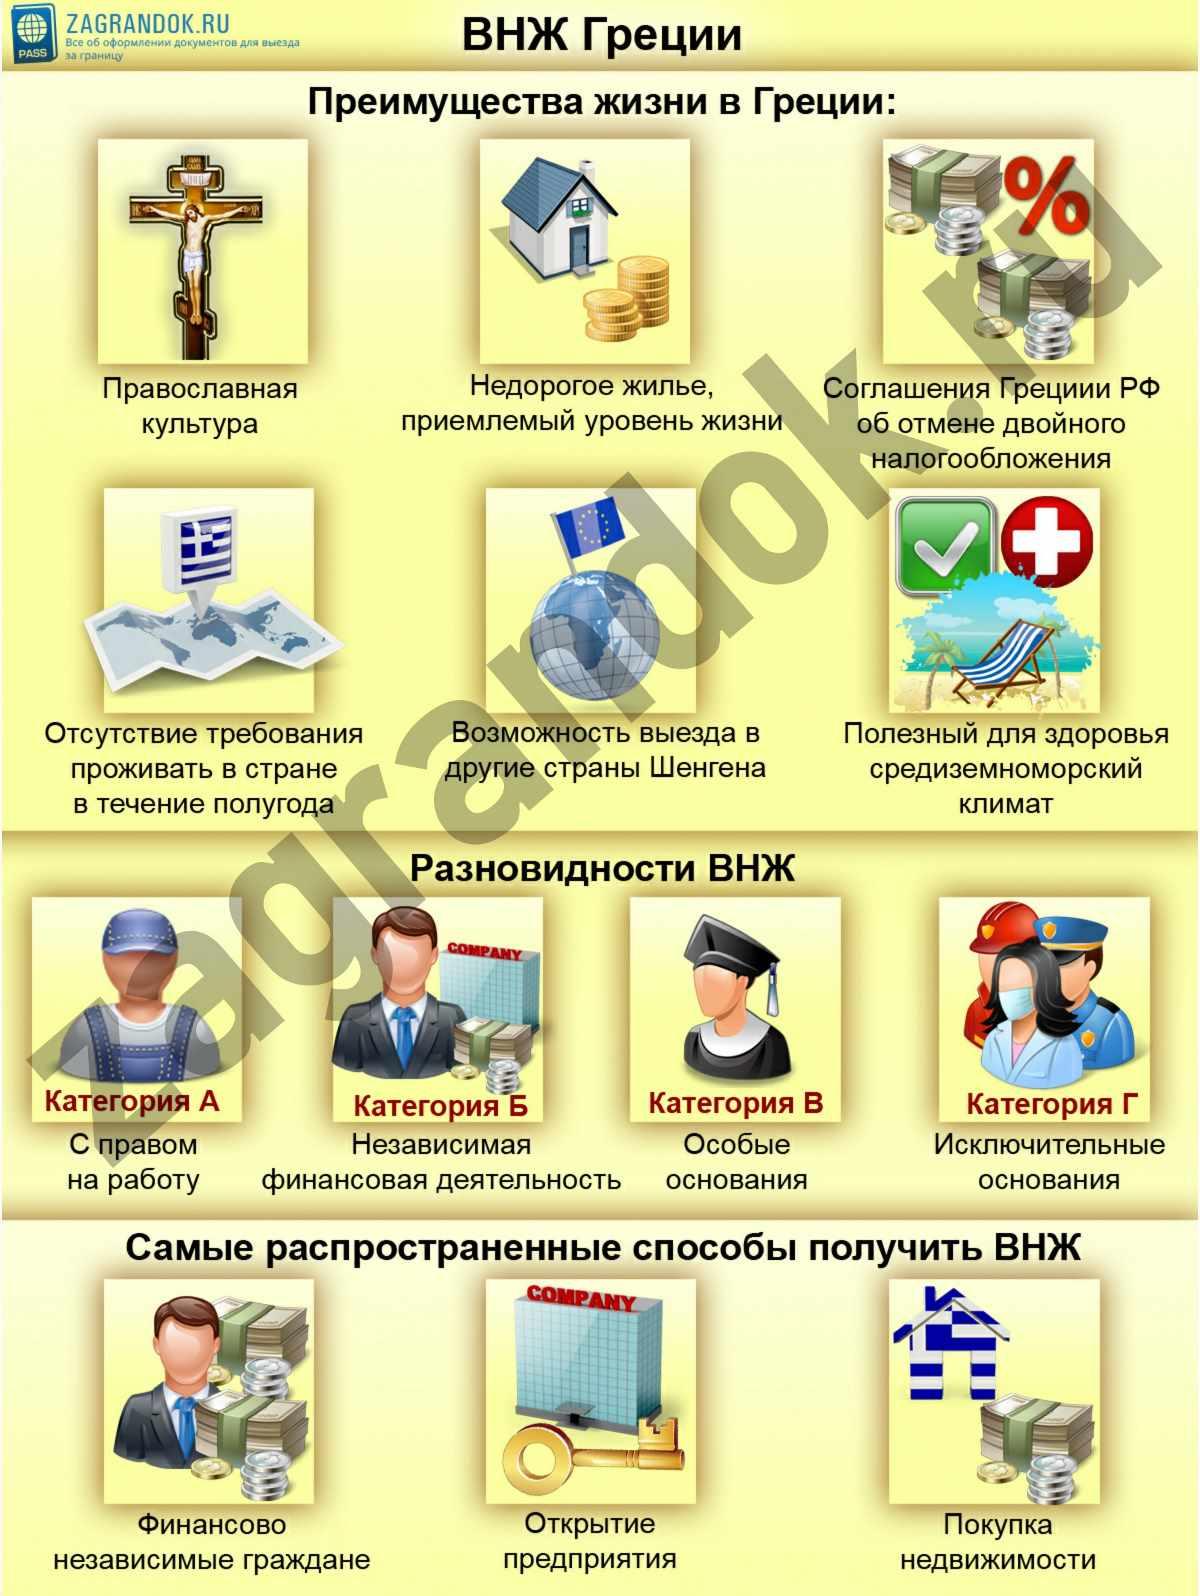 ВНЖ Греции